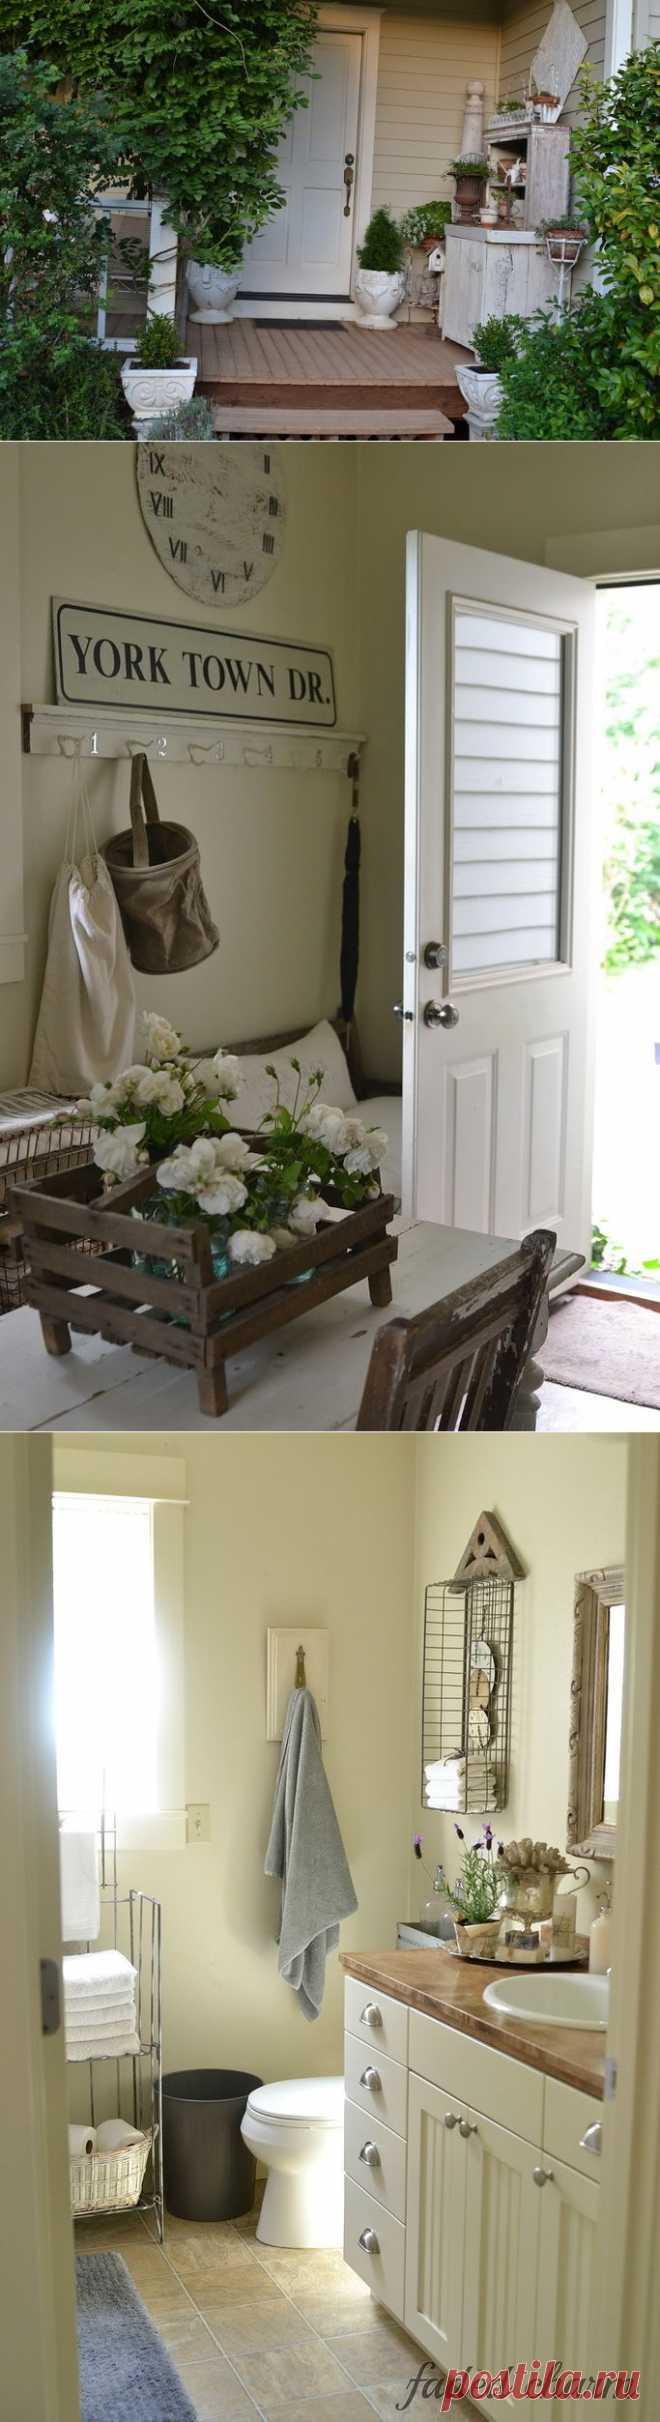 Интерьер дома - Faded Charm cottege.